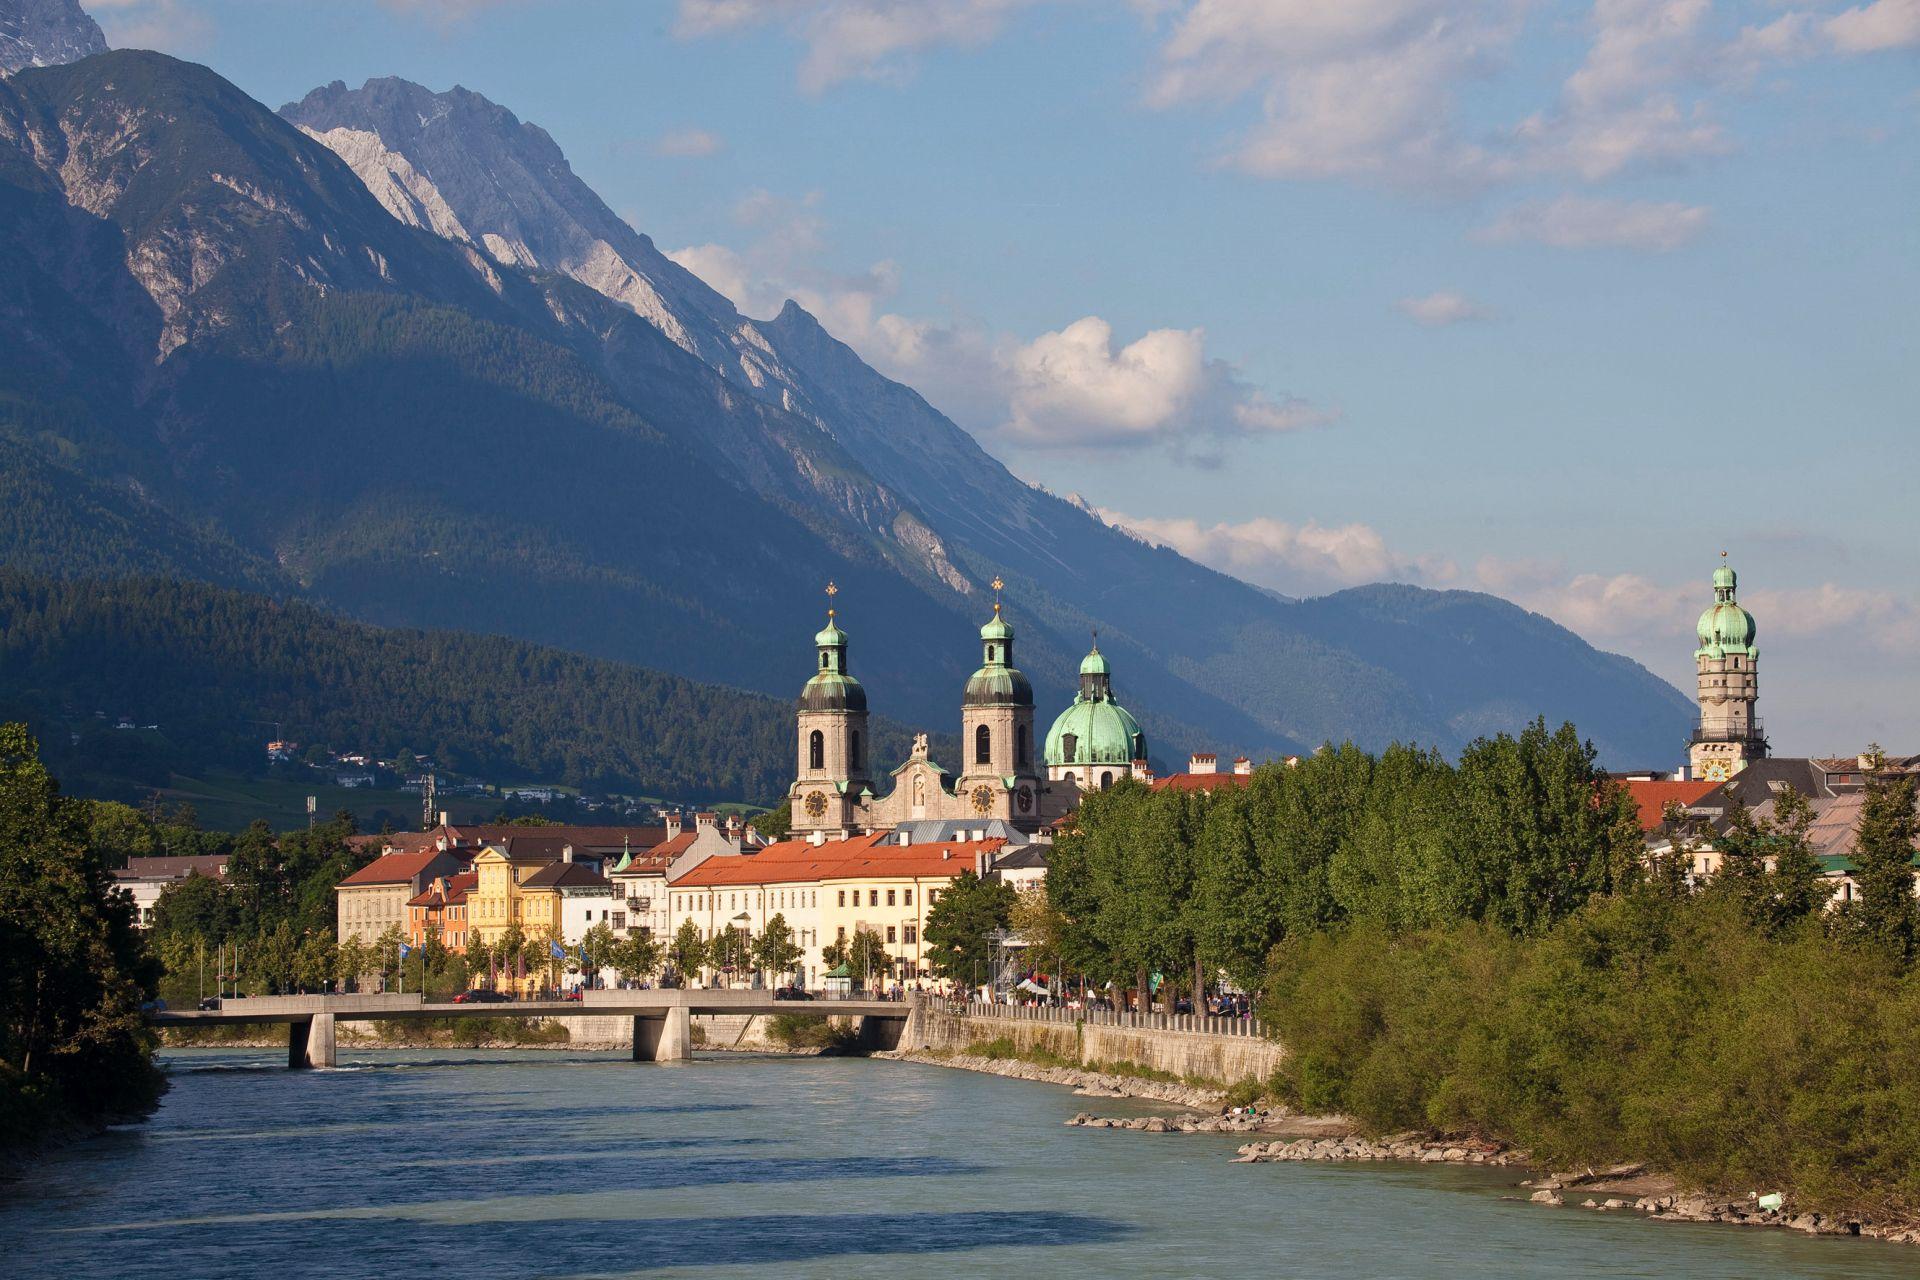 Welche ein Panorama: Der Blick vom Inntal aus.  (Foto: Innsbruck Tourismus/Christof Lackner)